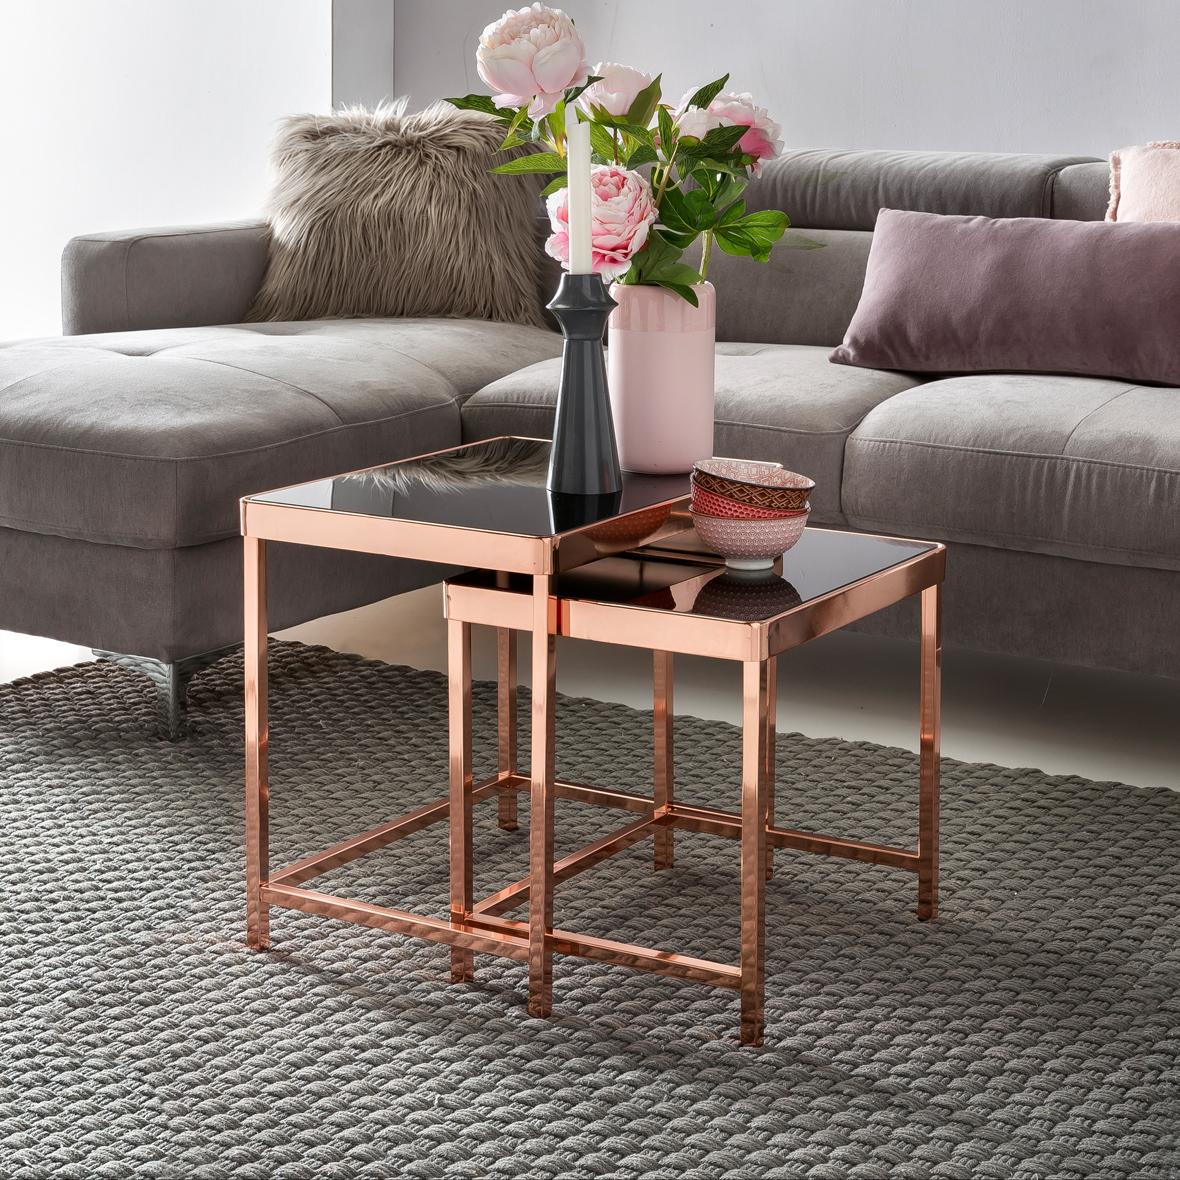 Finebuy Design Couchtisch Patris Glas Kupfer 2er Set Wohnzimmertisch Modern Mit Glasplatte Verspiegelt Beistelltisch Eckig Tisch Wohnzimmer